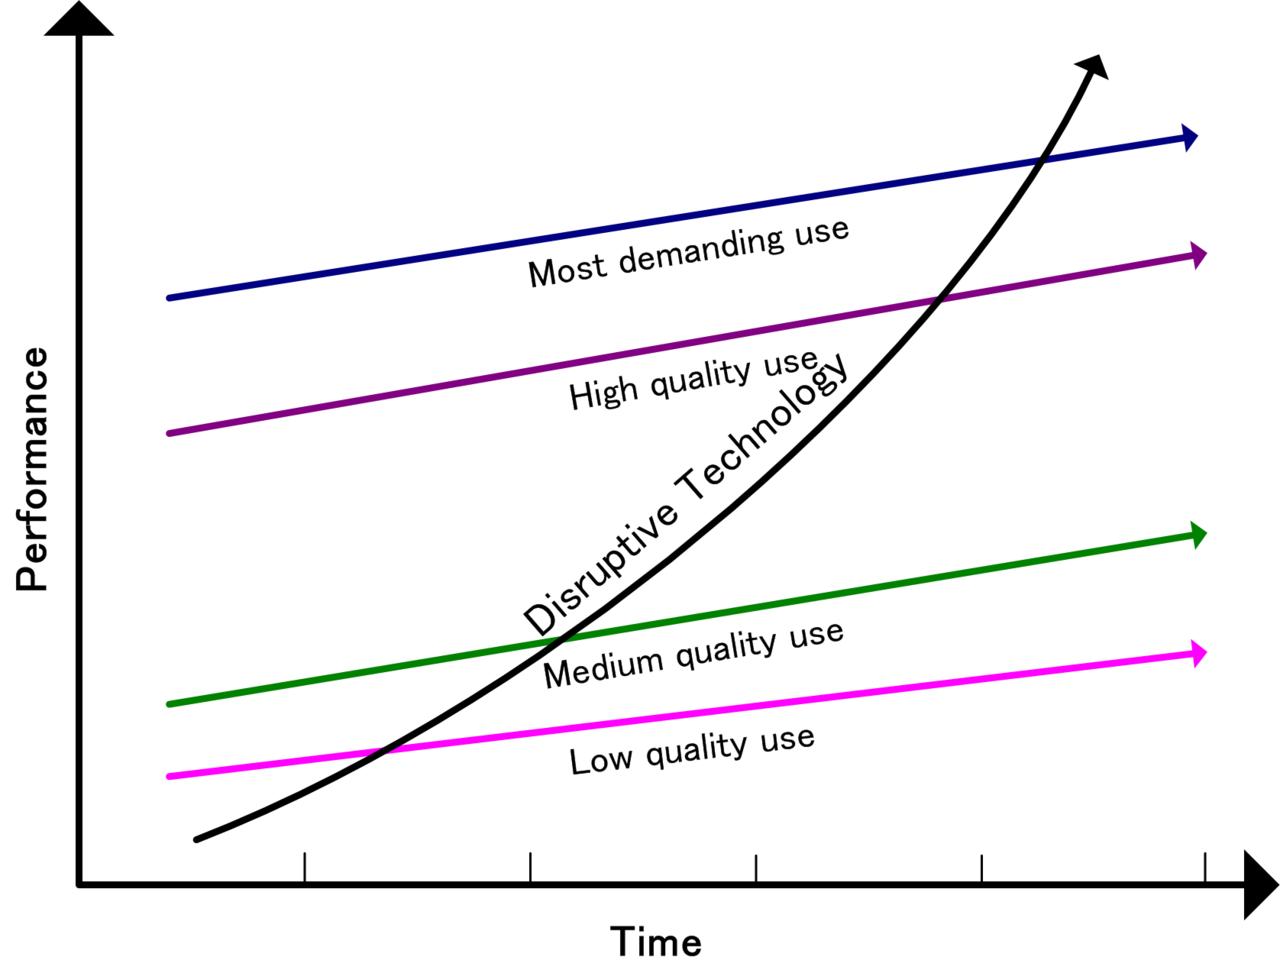 Disruptive Tech Adoption (Source: Wikipedia)